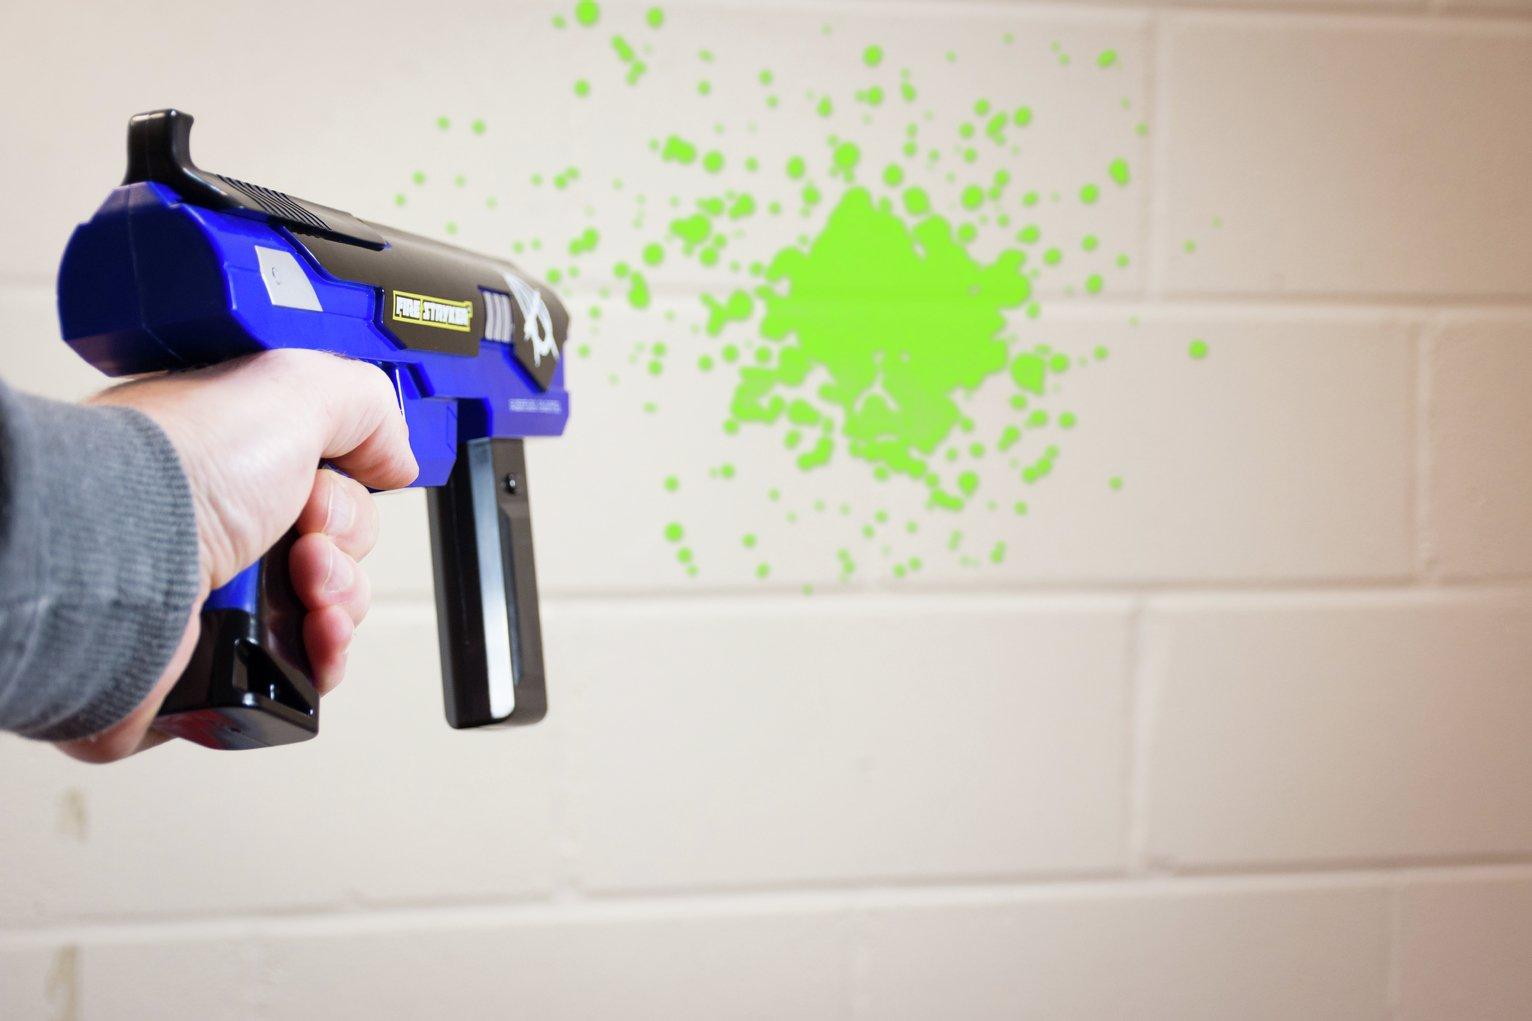 Stryker FireStryker Paintball Blaster